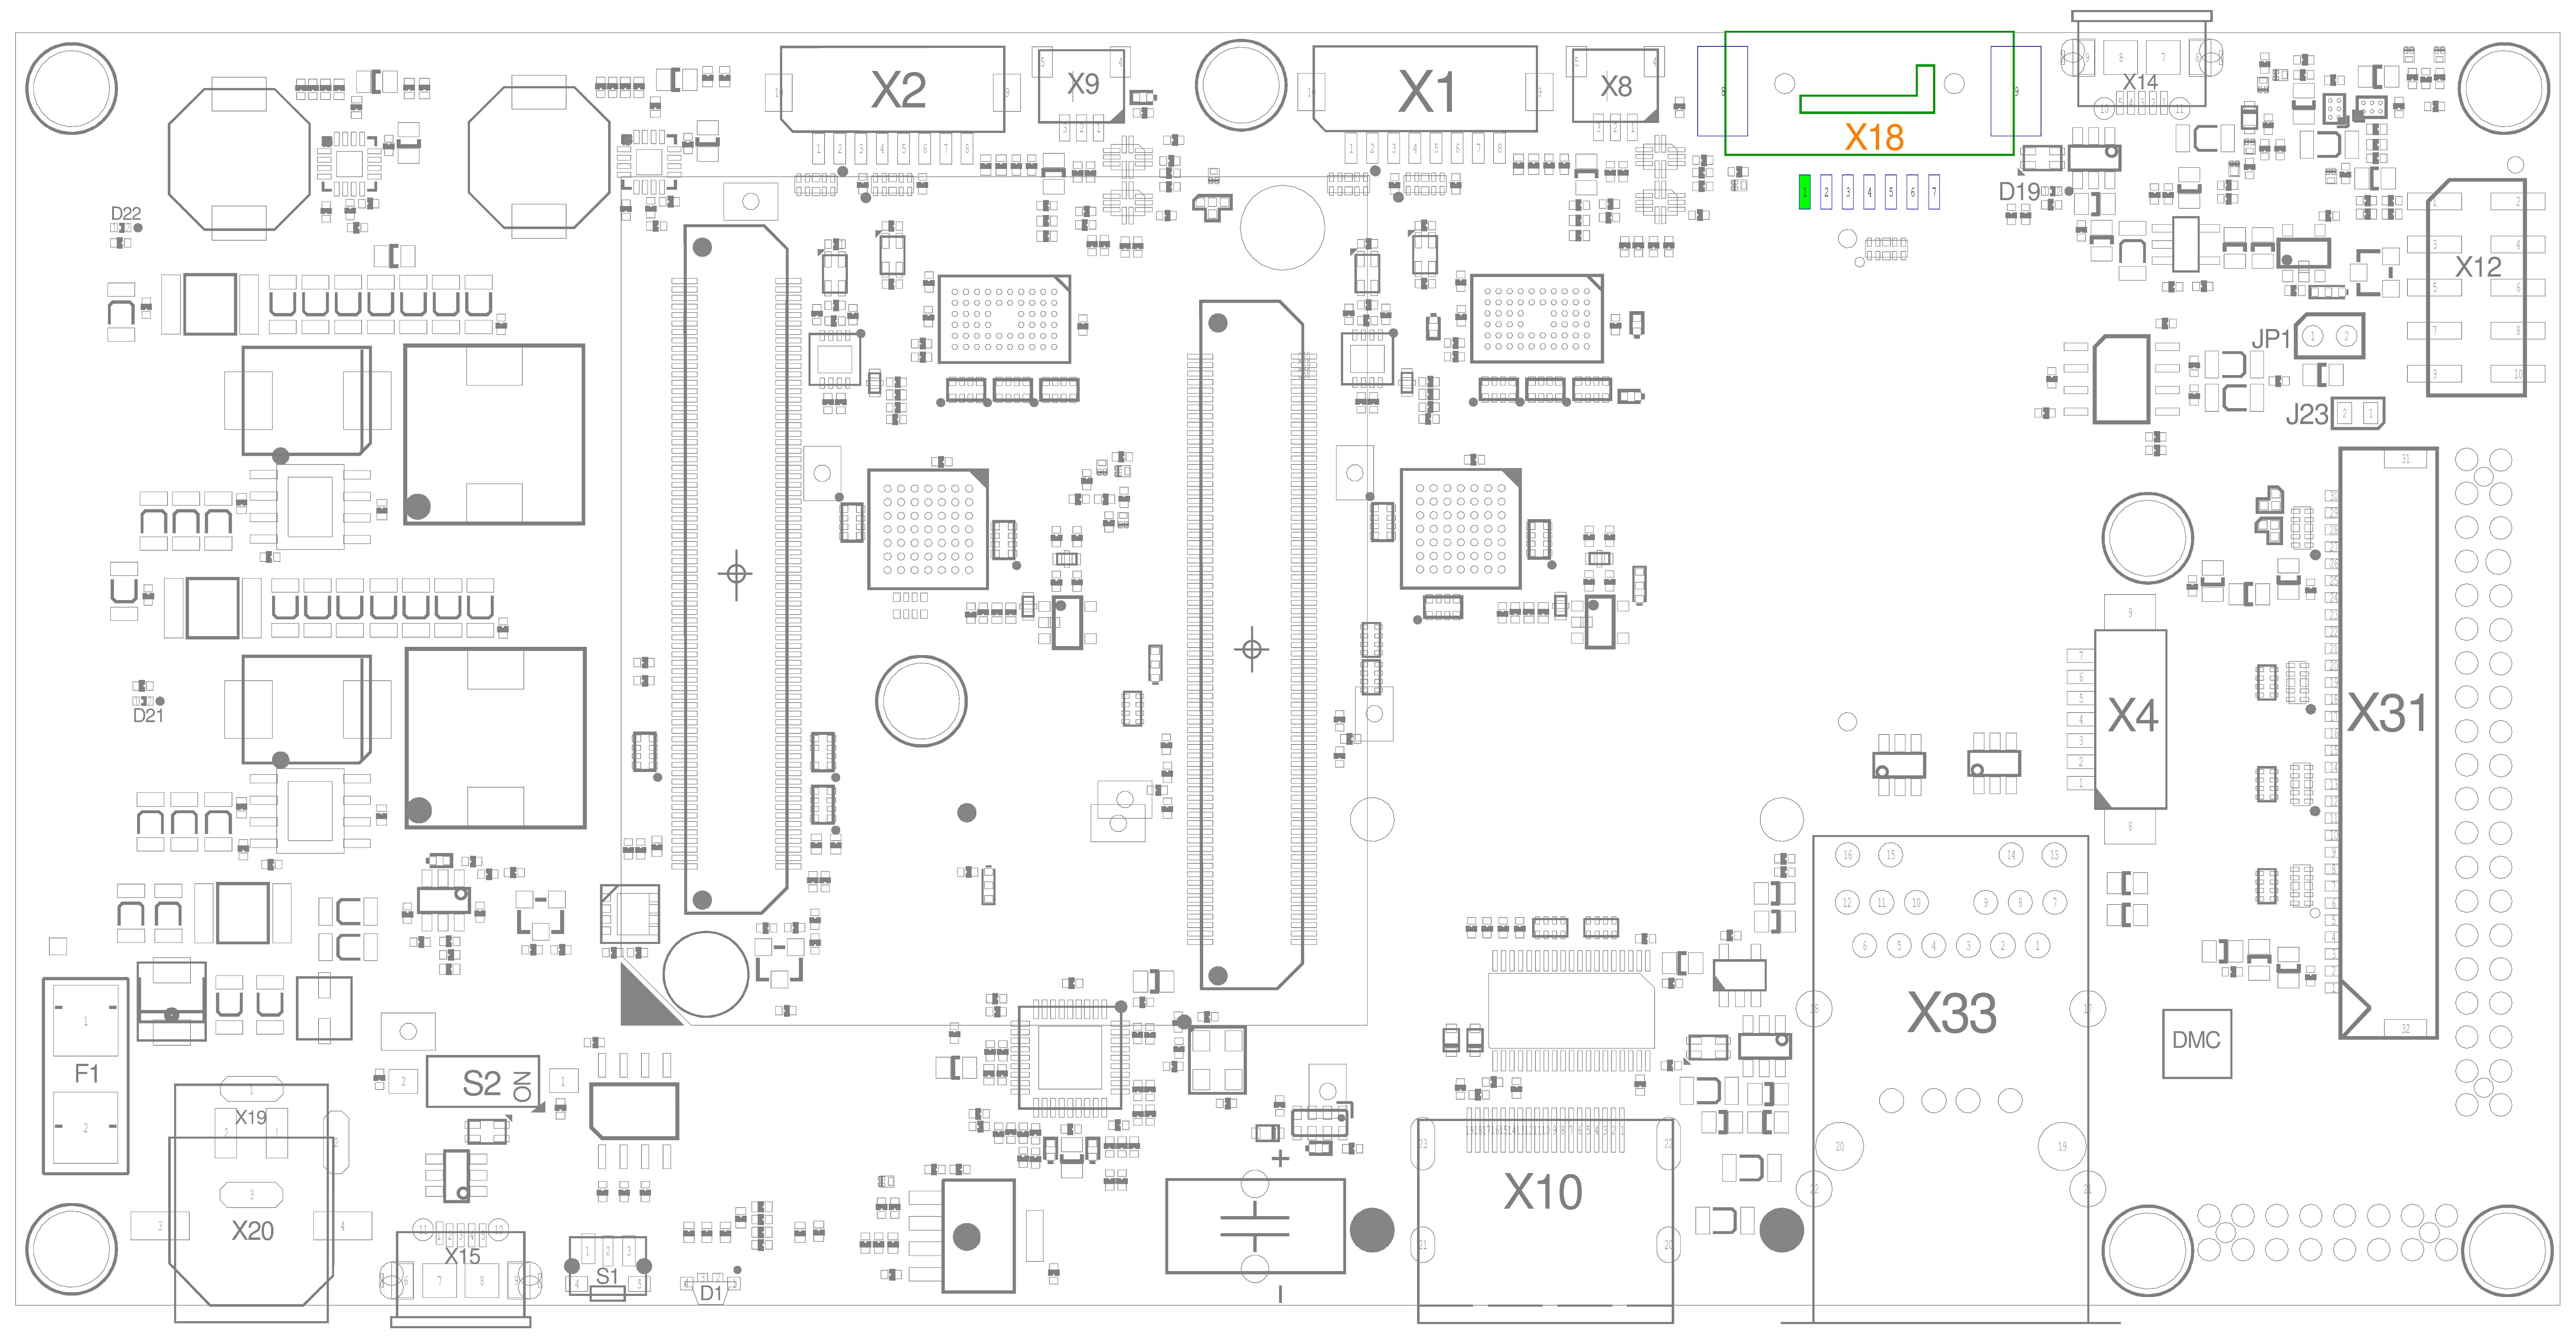 SATA Connector (X18)